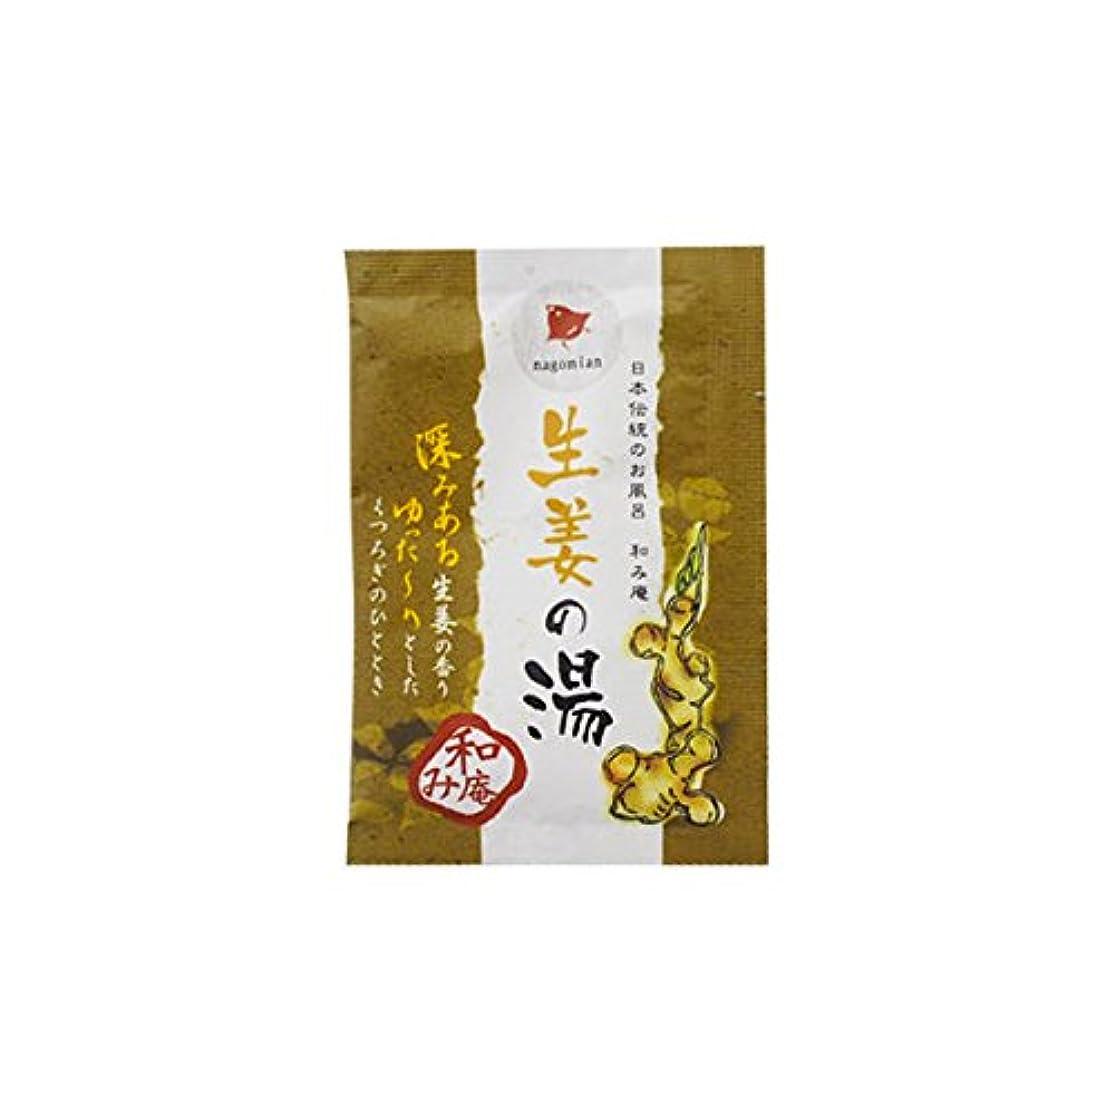 シットコムエミュレートする背が高い和み庵 入浴剤 「生姜の湯」30個